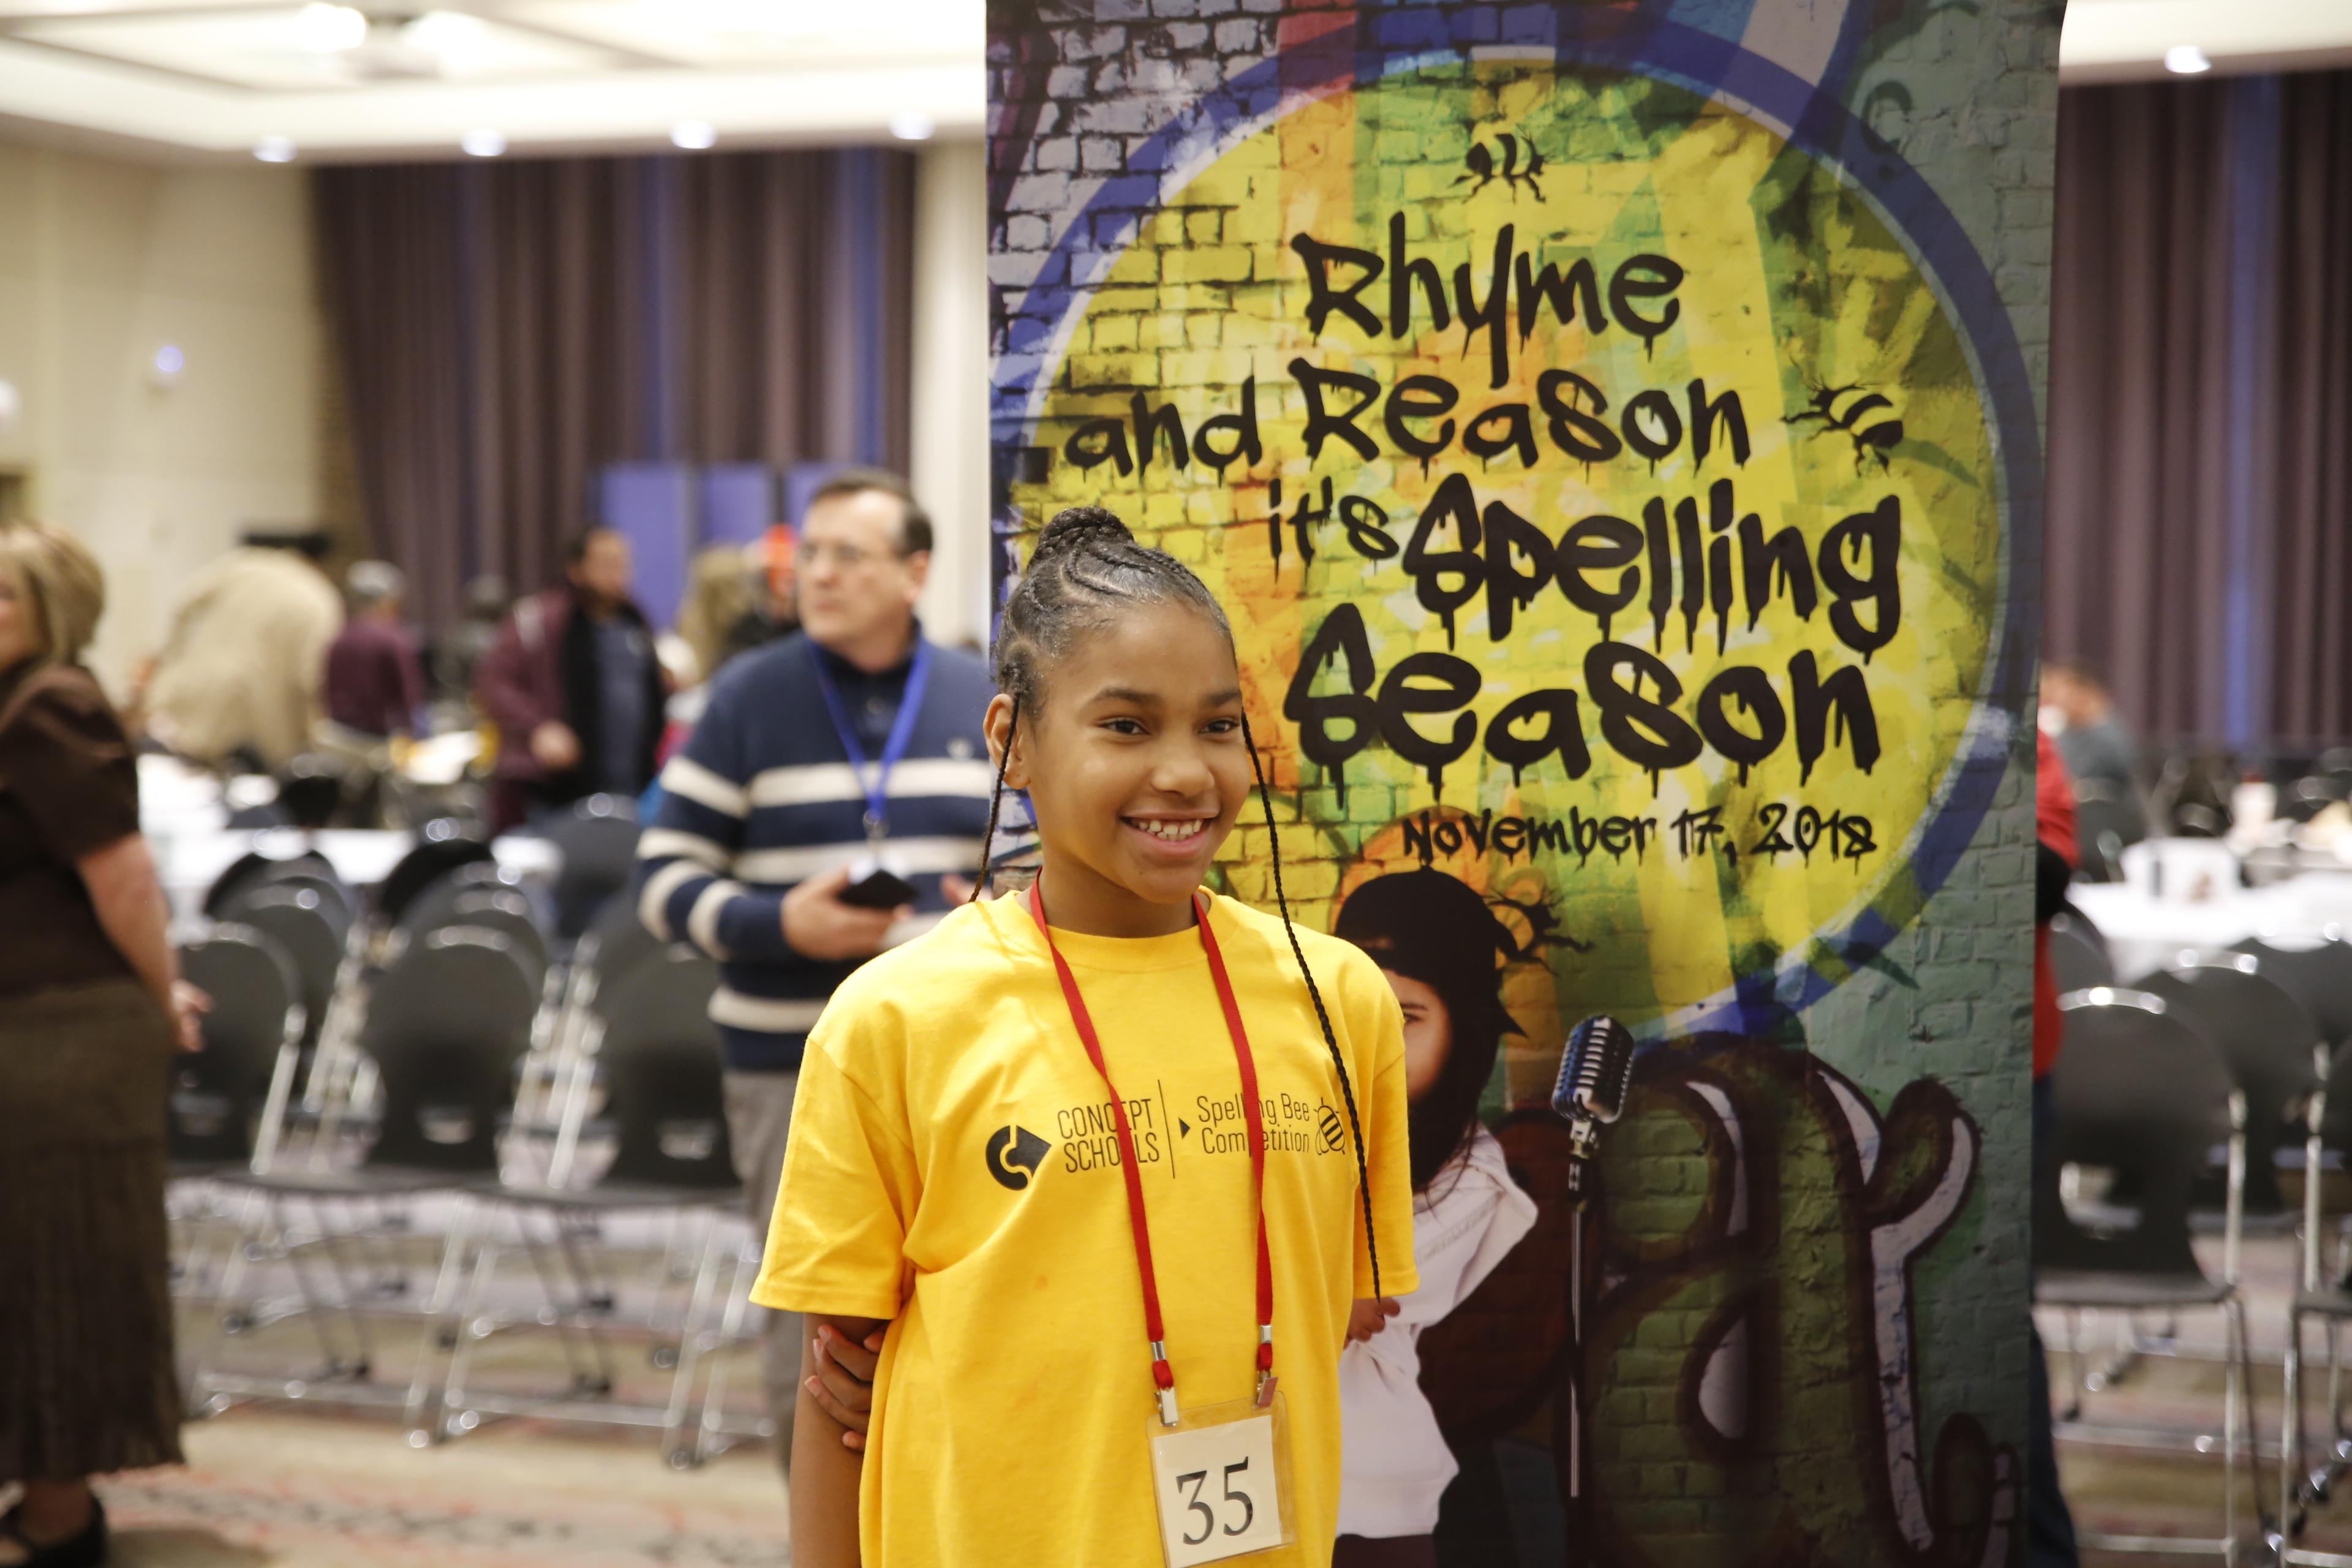 spelling-bee-concept-schools85